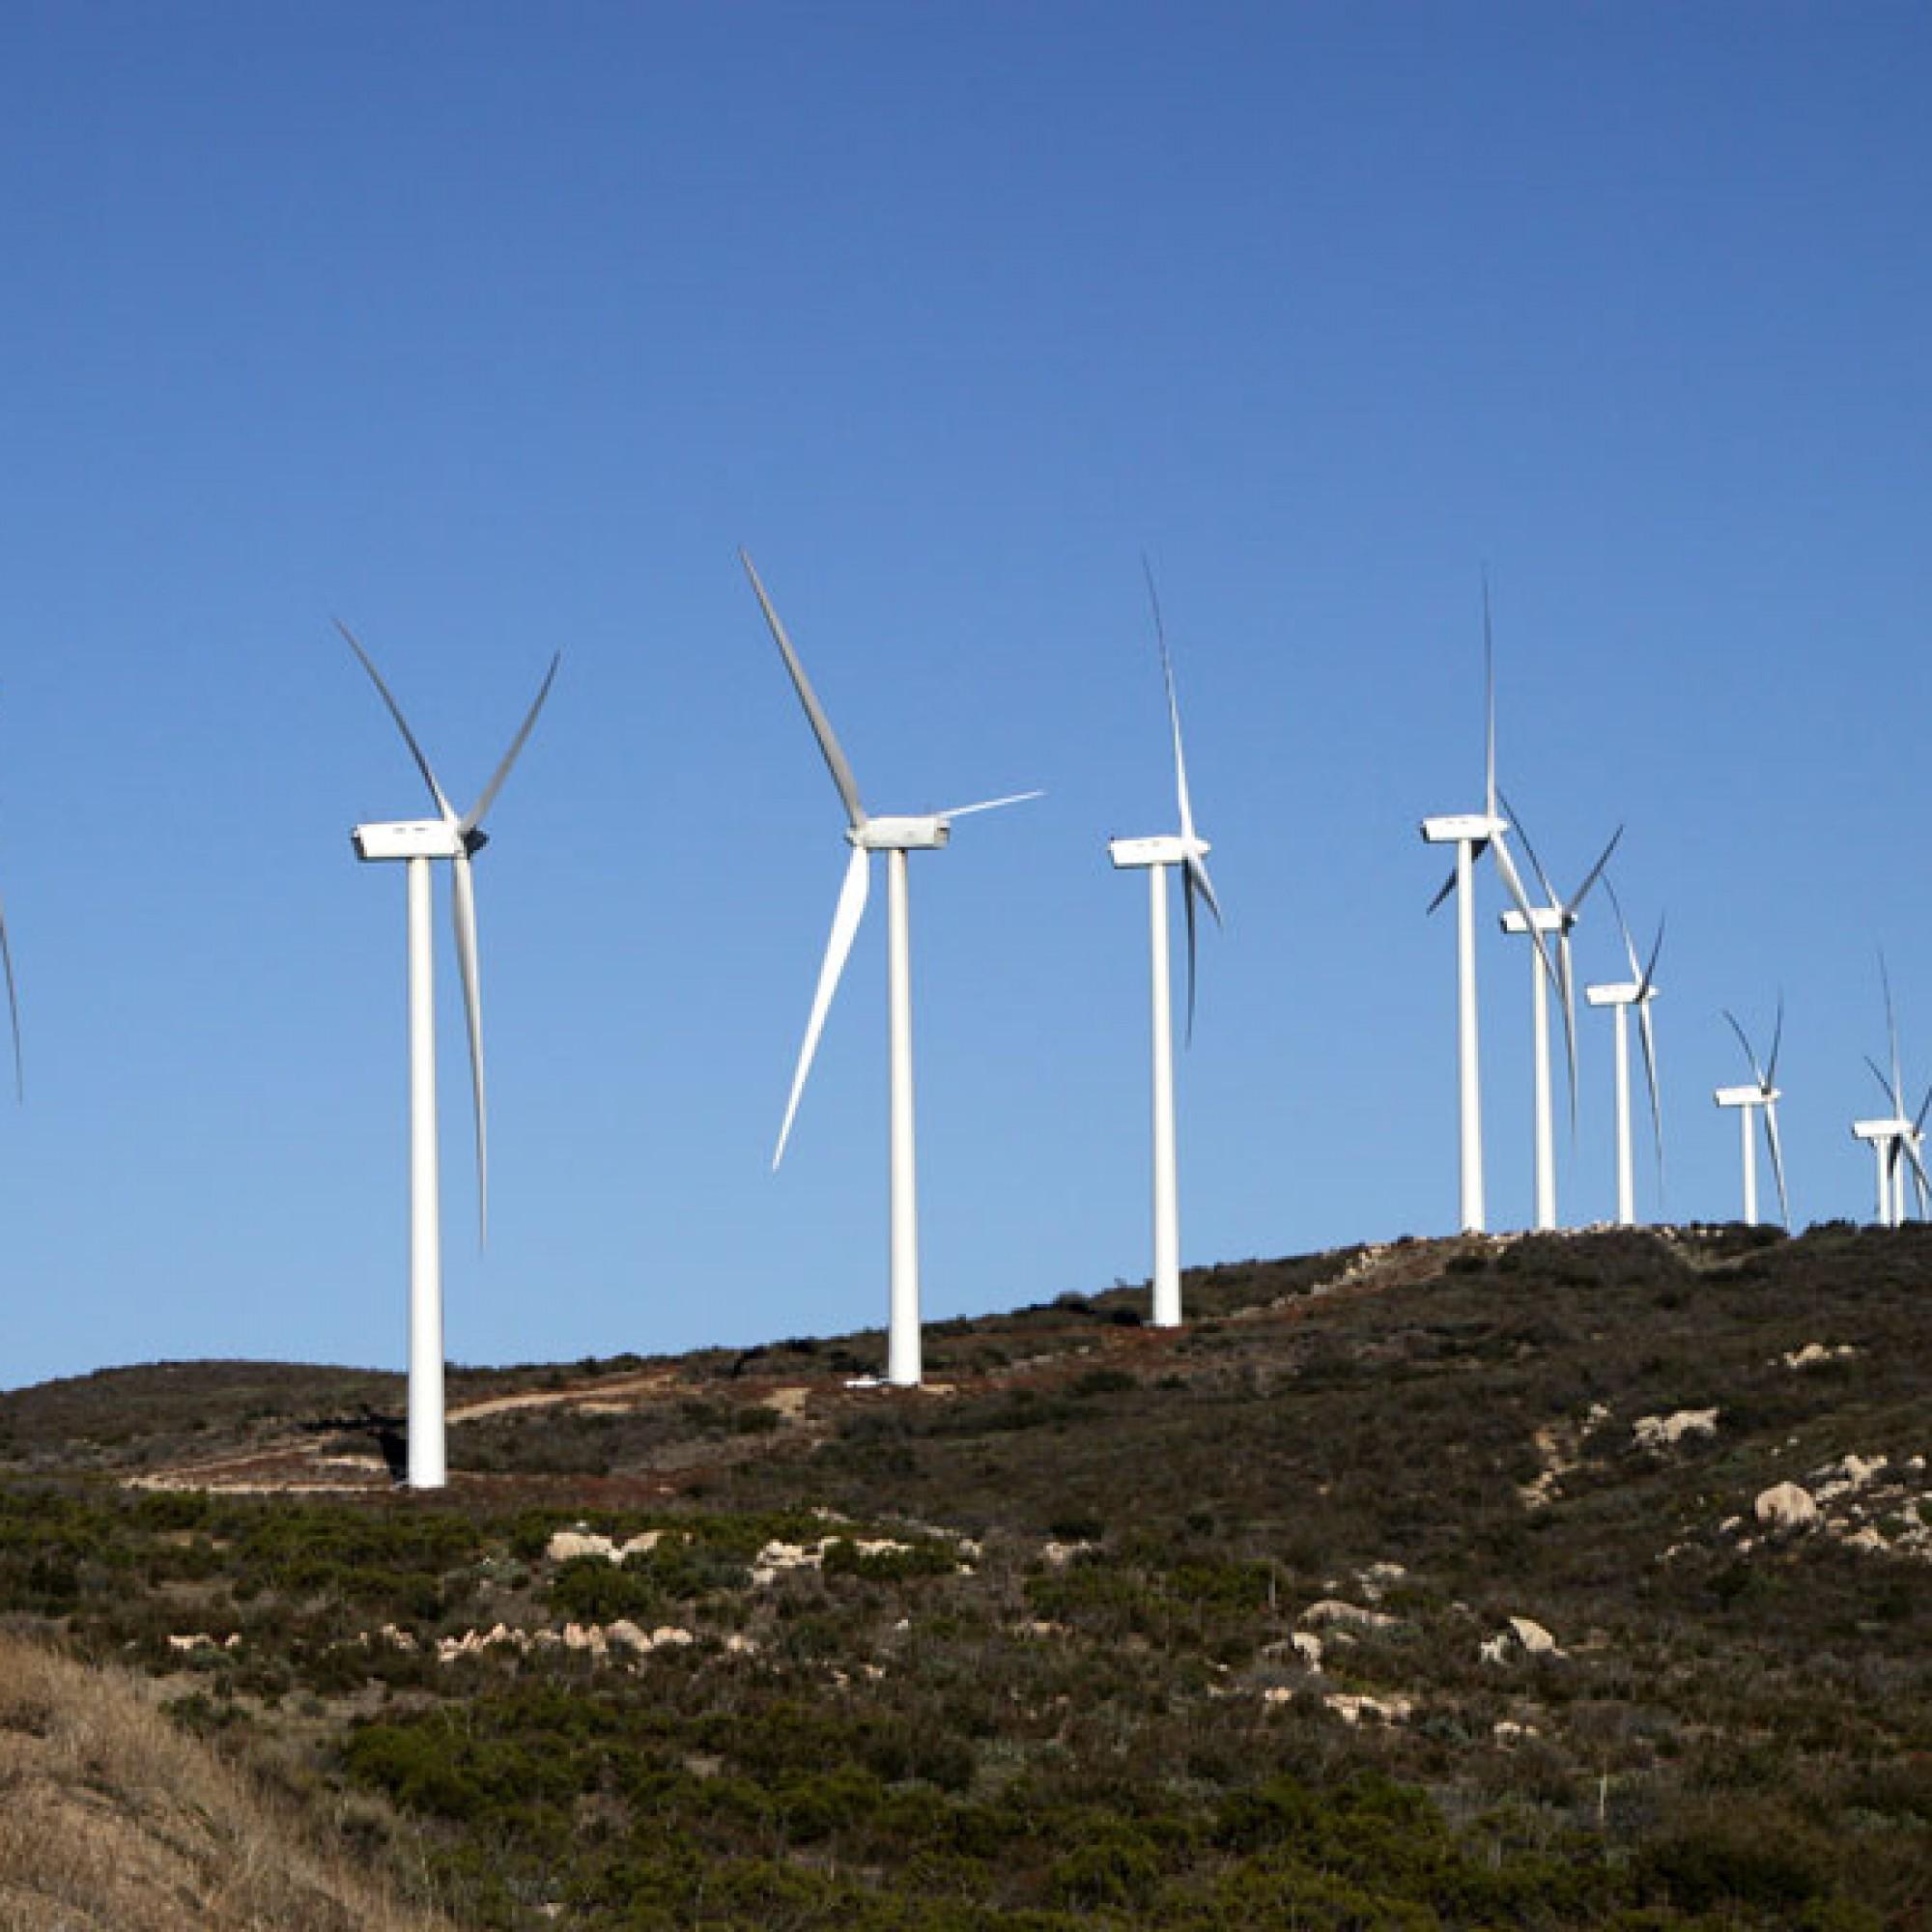 Windpark in den USA (Symbolbild, Bill Morrow, CC BY 2.0, flickr.com)